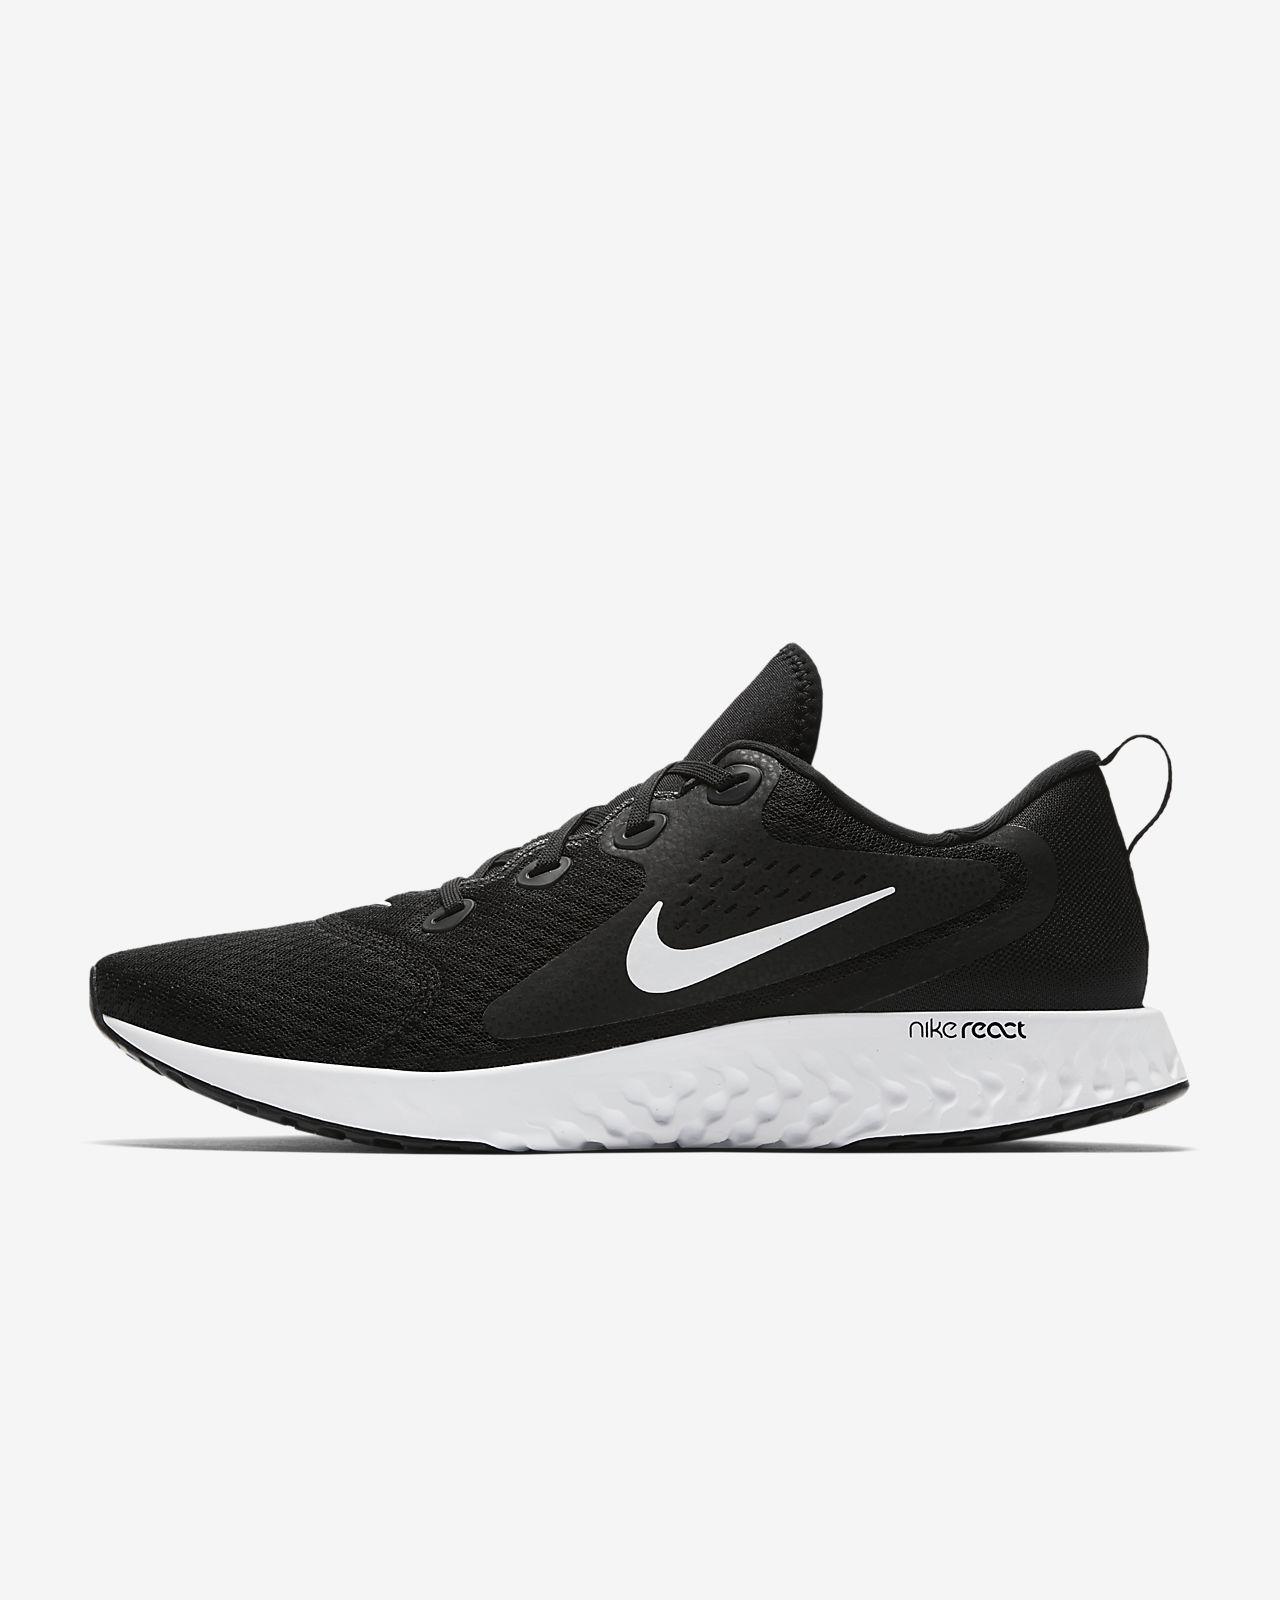 231f9a43a91e5c Nike Legend React Men s Running Shoe. Nike.com MY